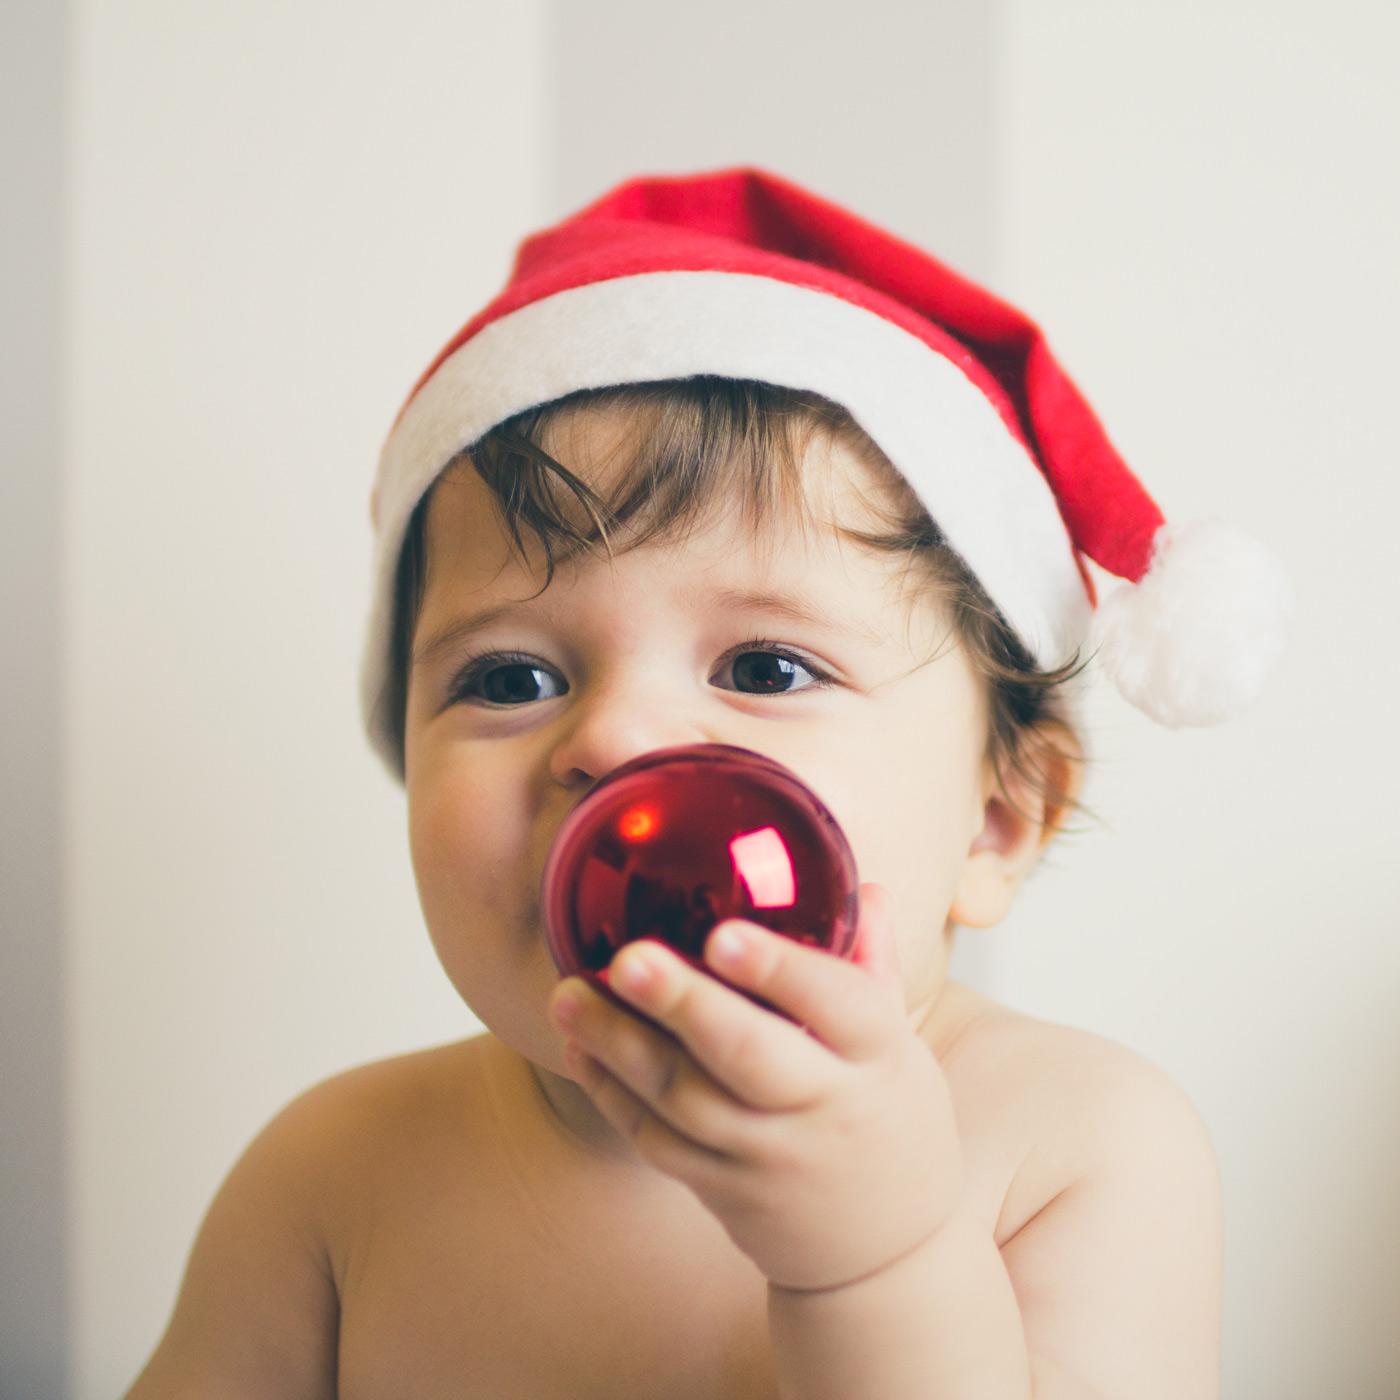 niño con gorro de navidad sujetando un bola roja del arbol de navidad